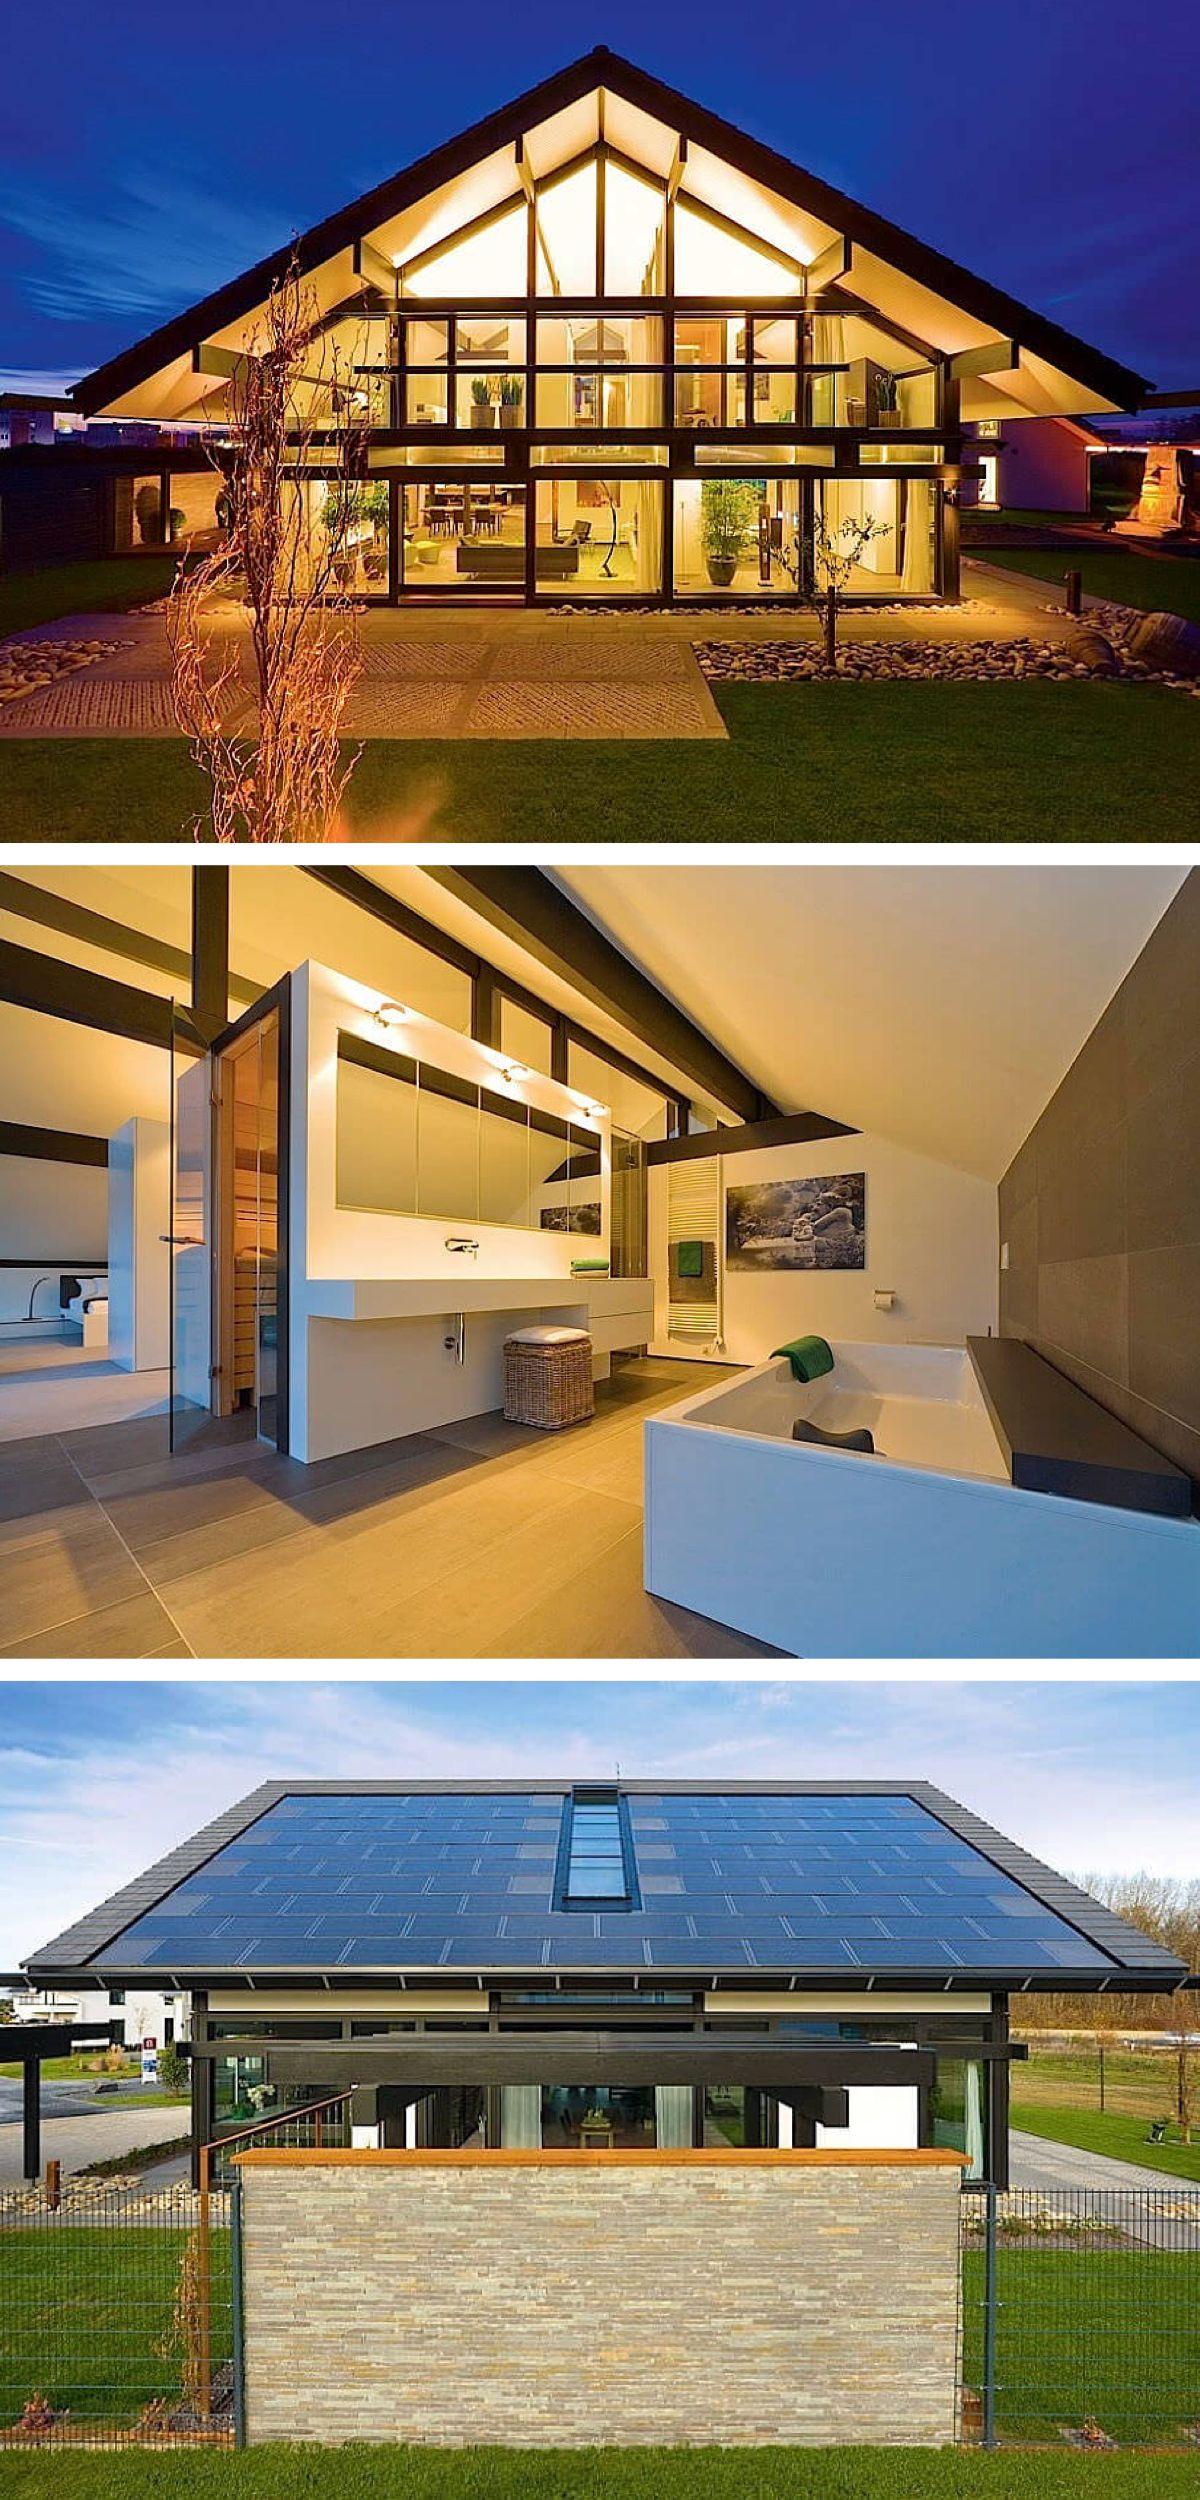 Haus Innen Modern - sourcecrave.com -